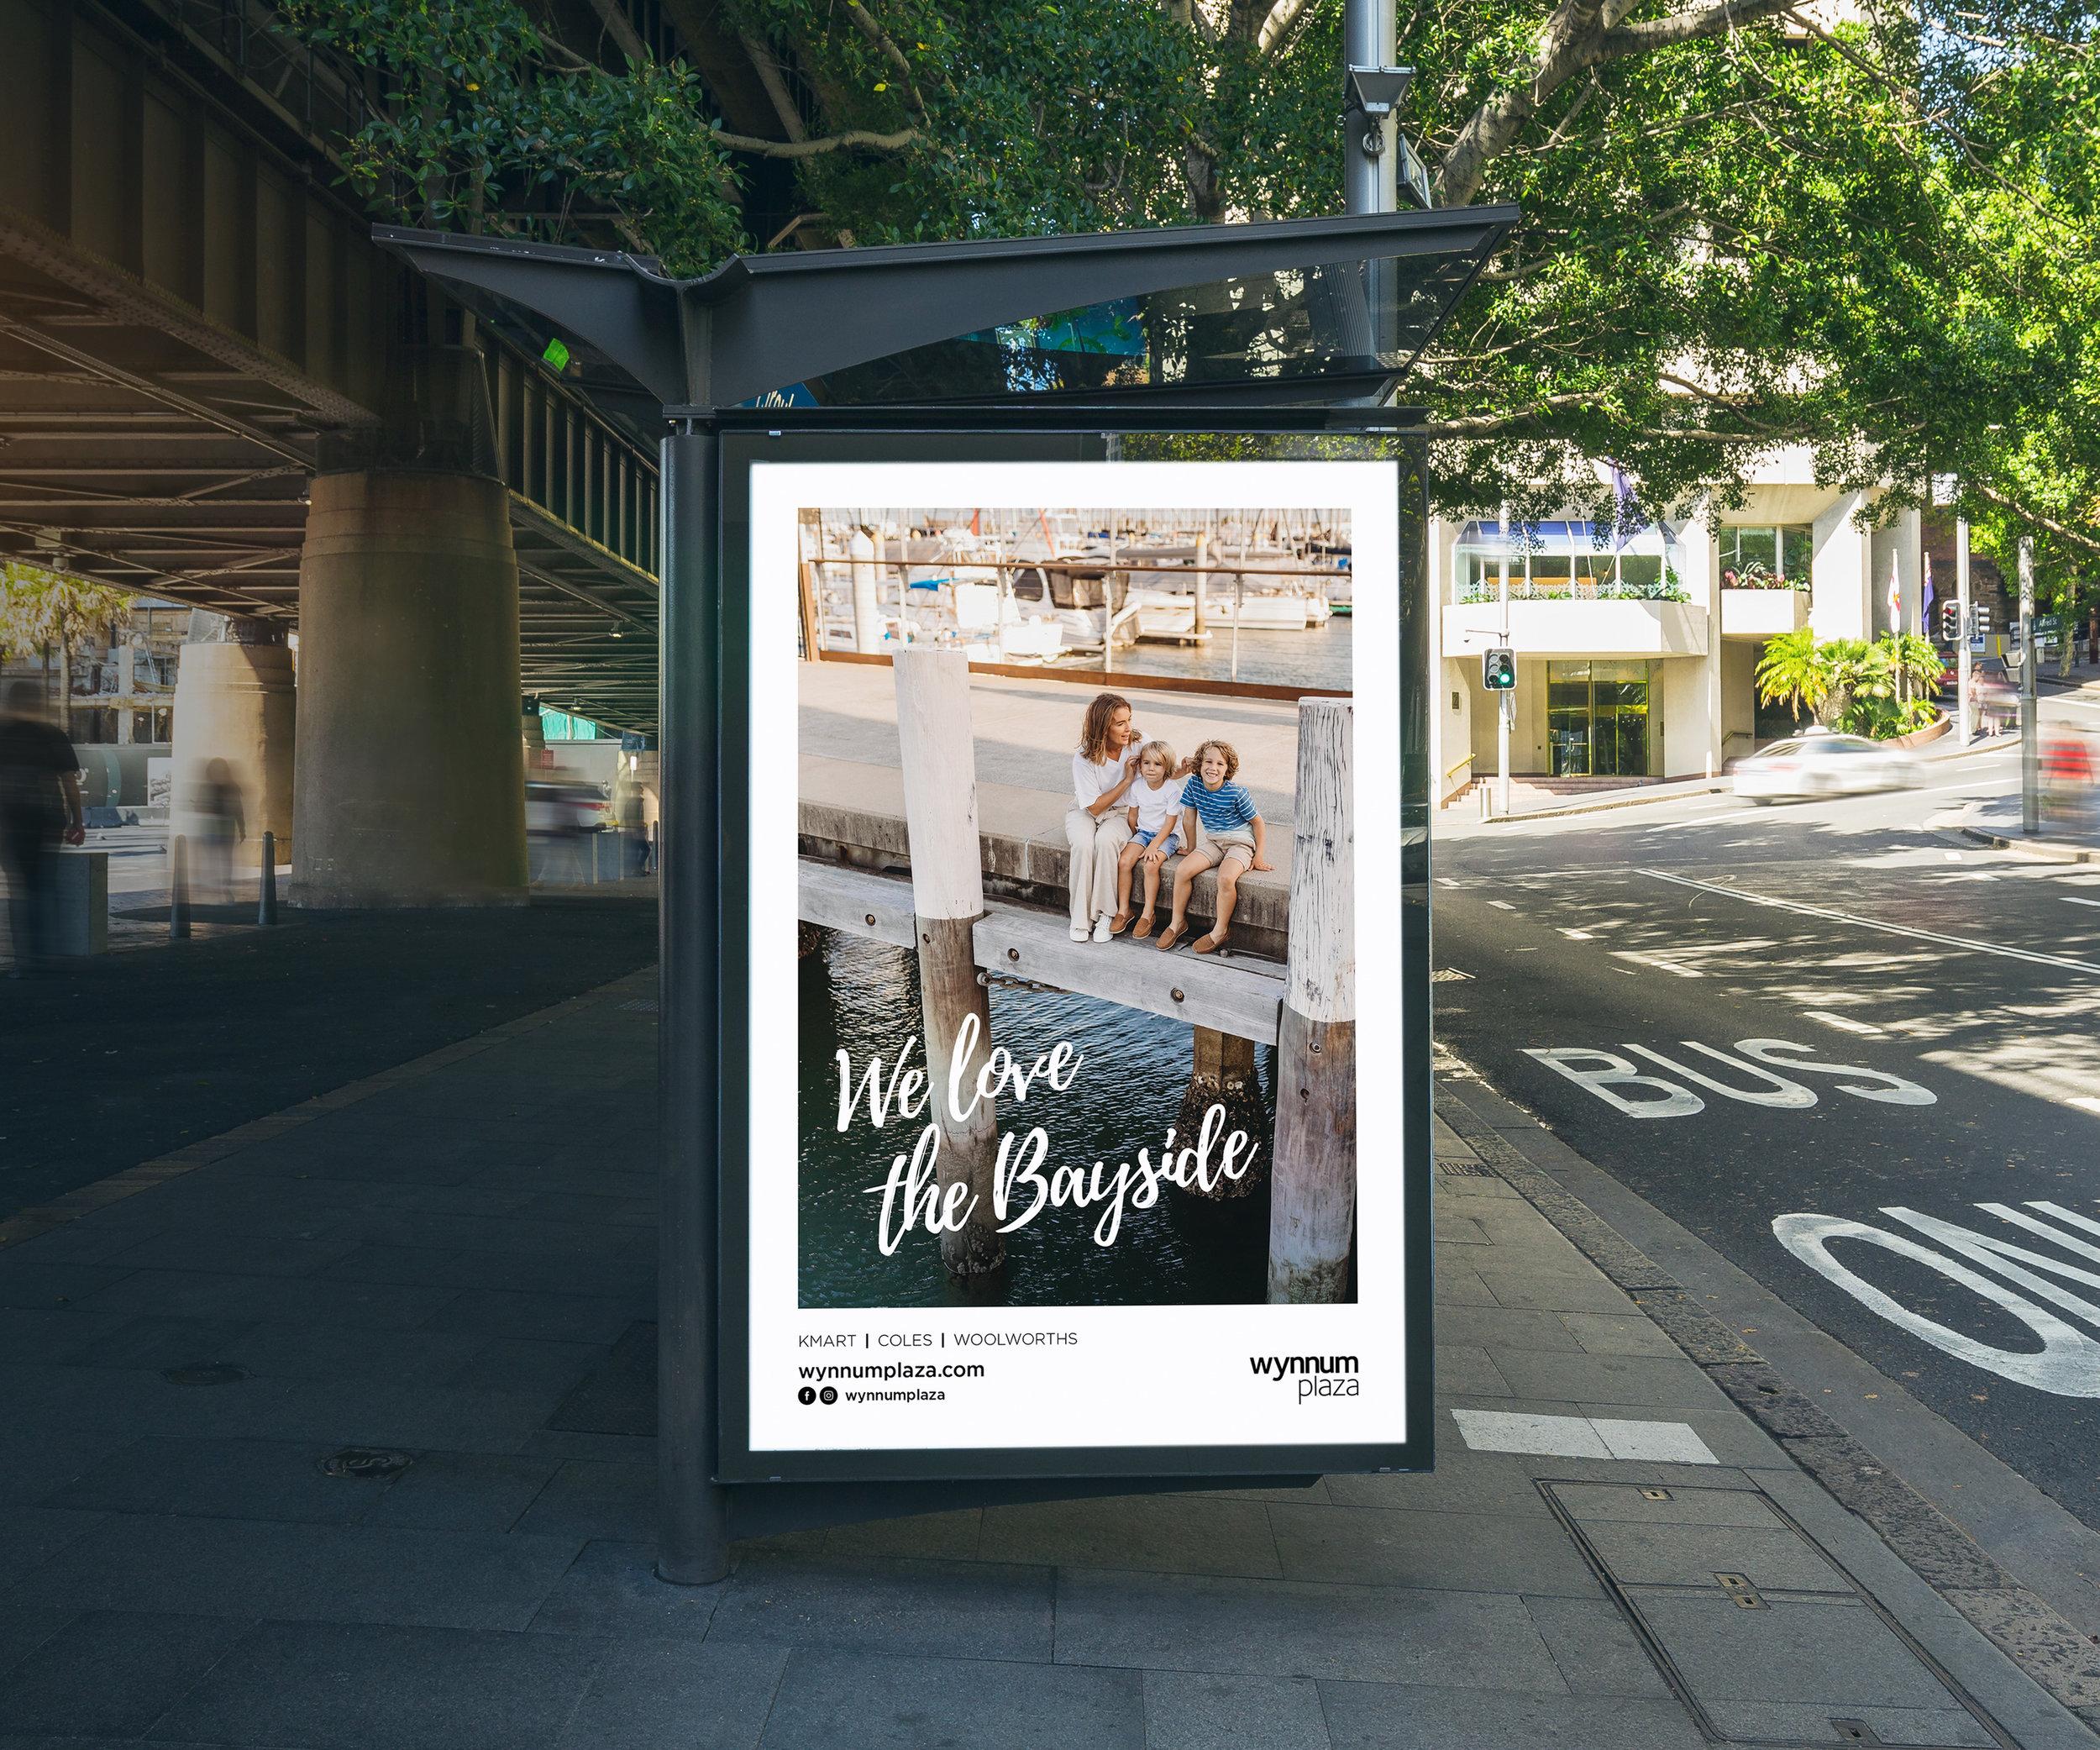 Outdoor-Bus-Stop-Advertisement-Vertical-Billboard-Poster-Mockup-PSD-2018-INSTAGRAM.jpg